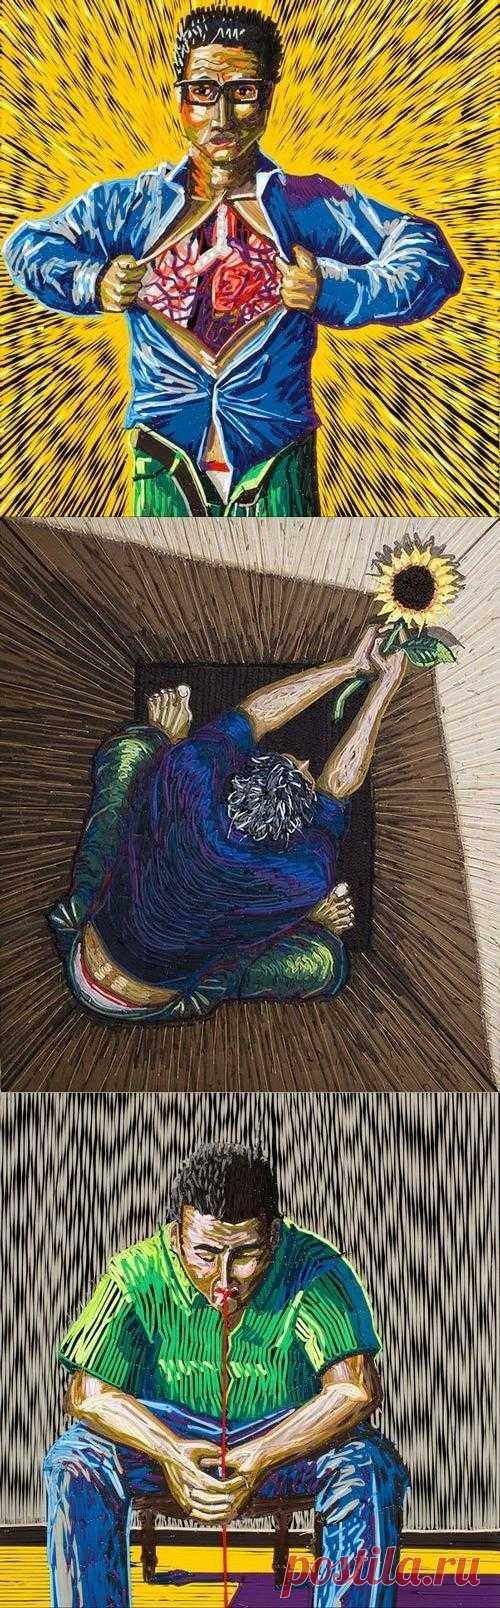 Современный экспериментальный колумбийский художник Frederico Uribe создает сюрреалистичные картины из……. Как думаете, из чего?